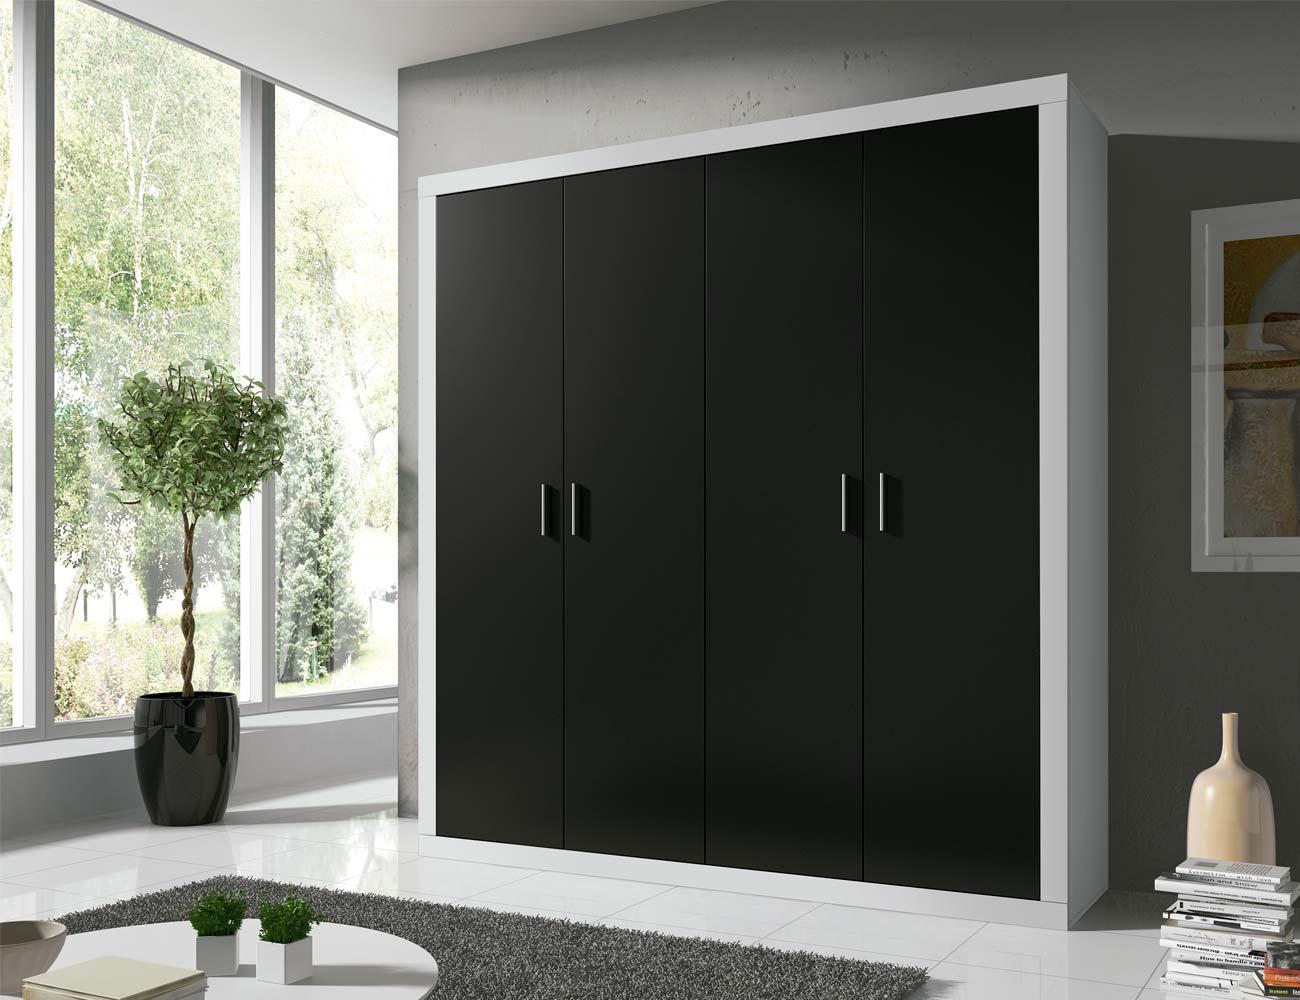 Detalle armario puertas abatibles blanco grafito2